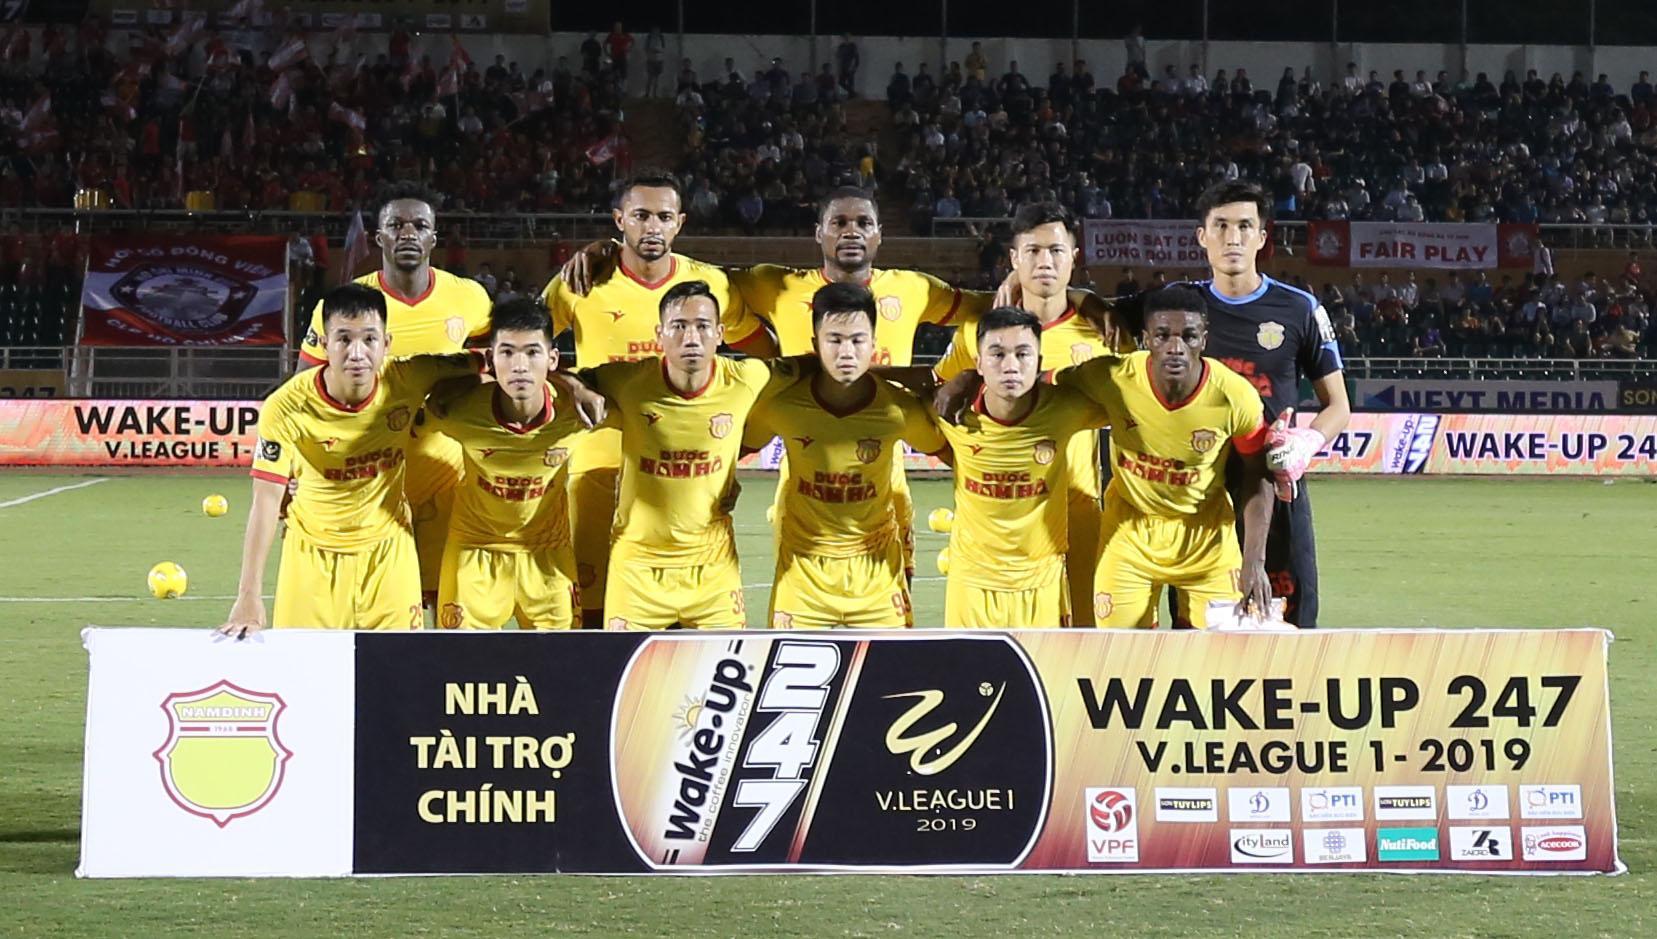 Video trực tiếp Nam Định vs S.Khánh Hòa, vòng 4 V-League 2019 ảnh 1